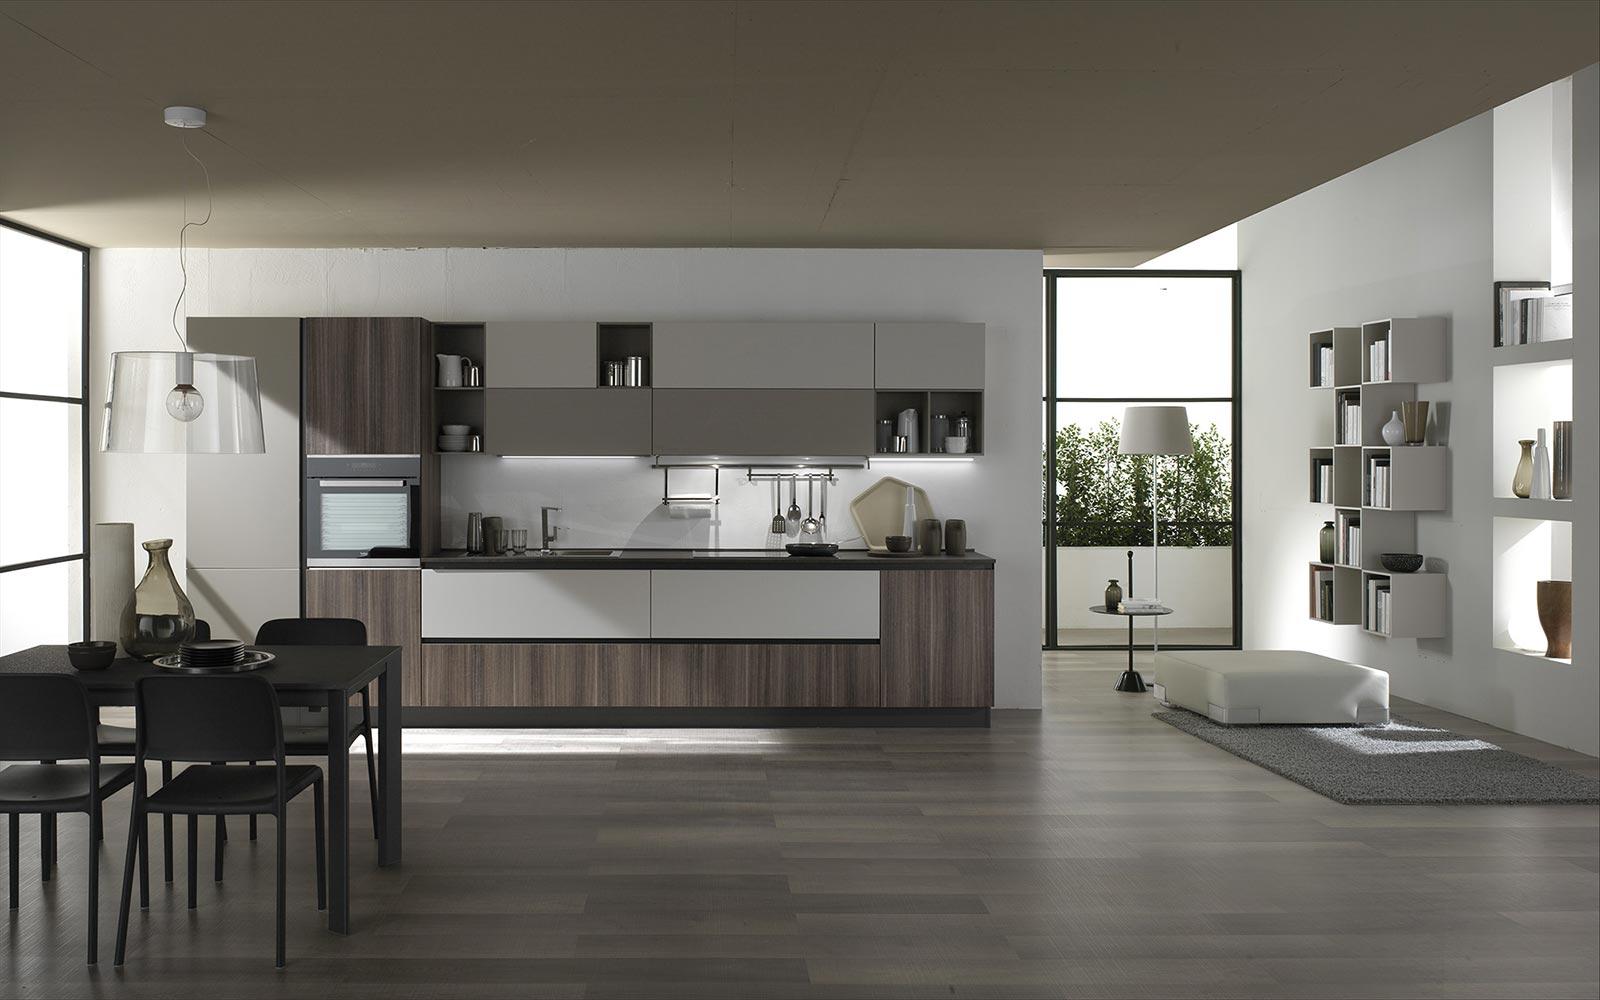 Gora, una cucina moderna in vendita in Sicilia. Disponibile in diversi colori e modelli.